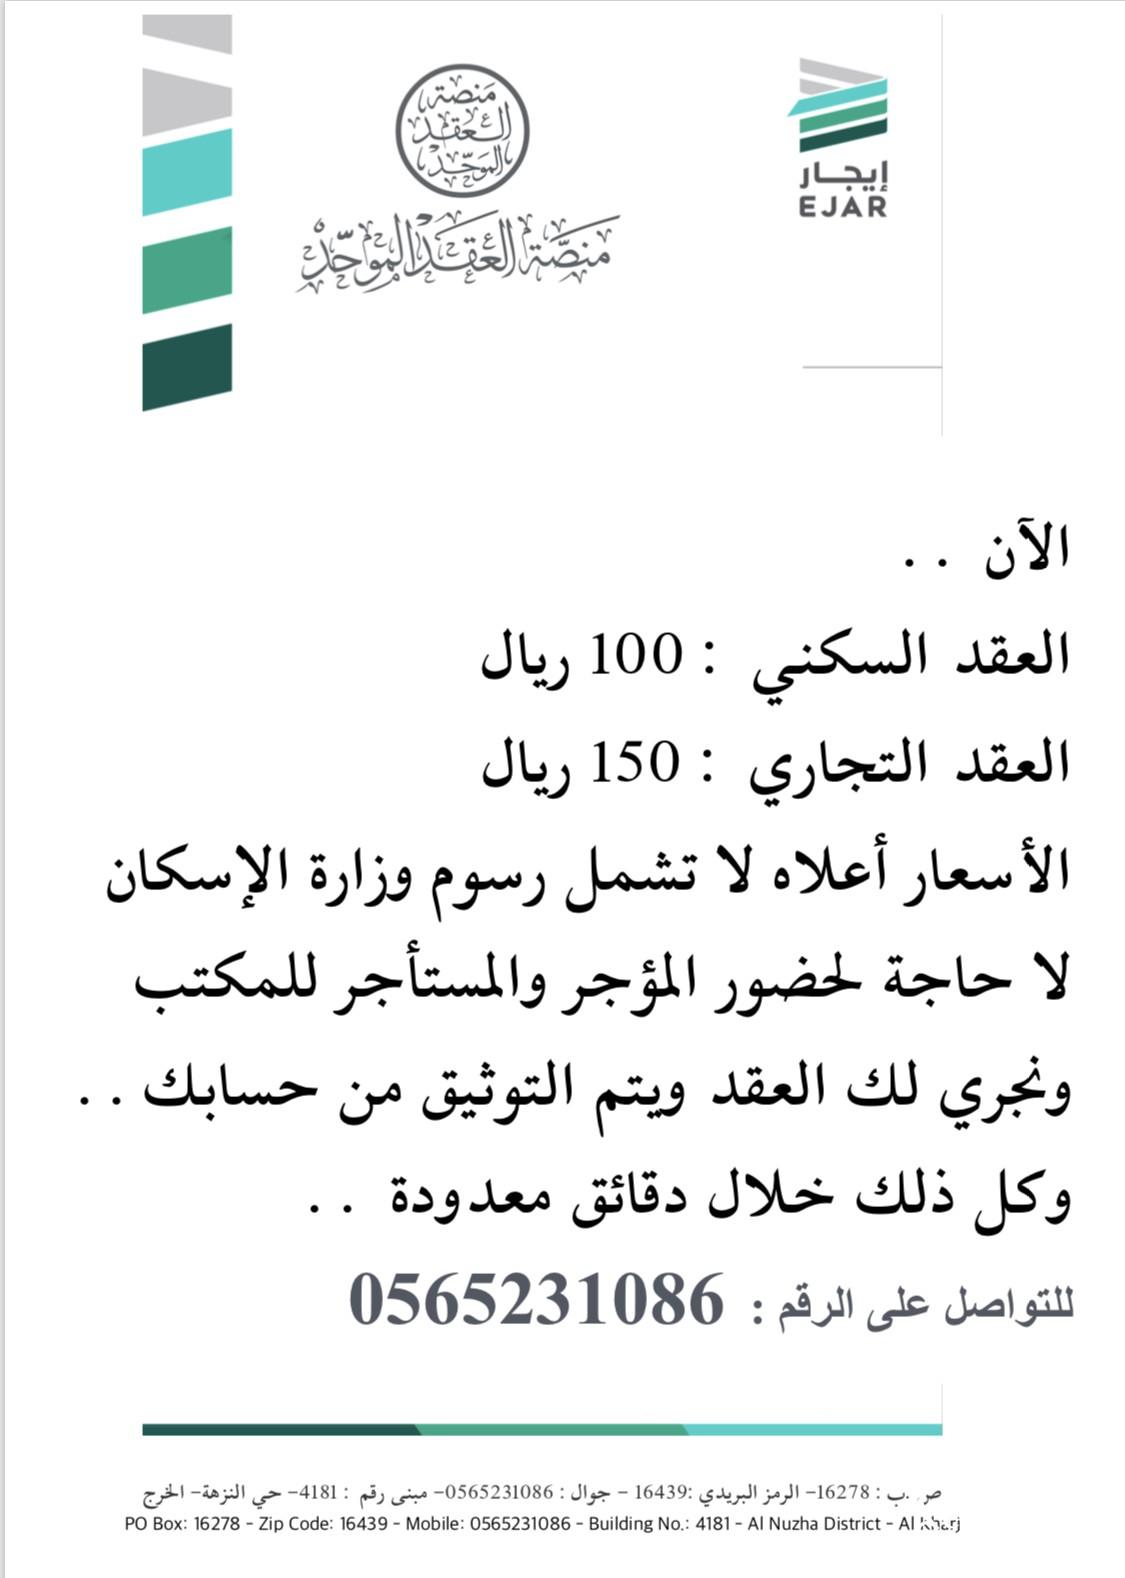 عقد إيجار الإلكتروني الموحد (مكتب معتمد) - عقد ايجار تجاري - سكني